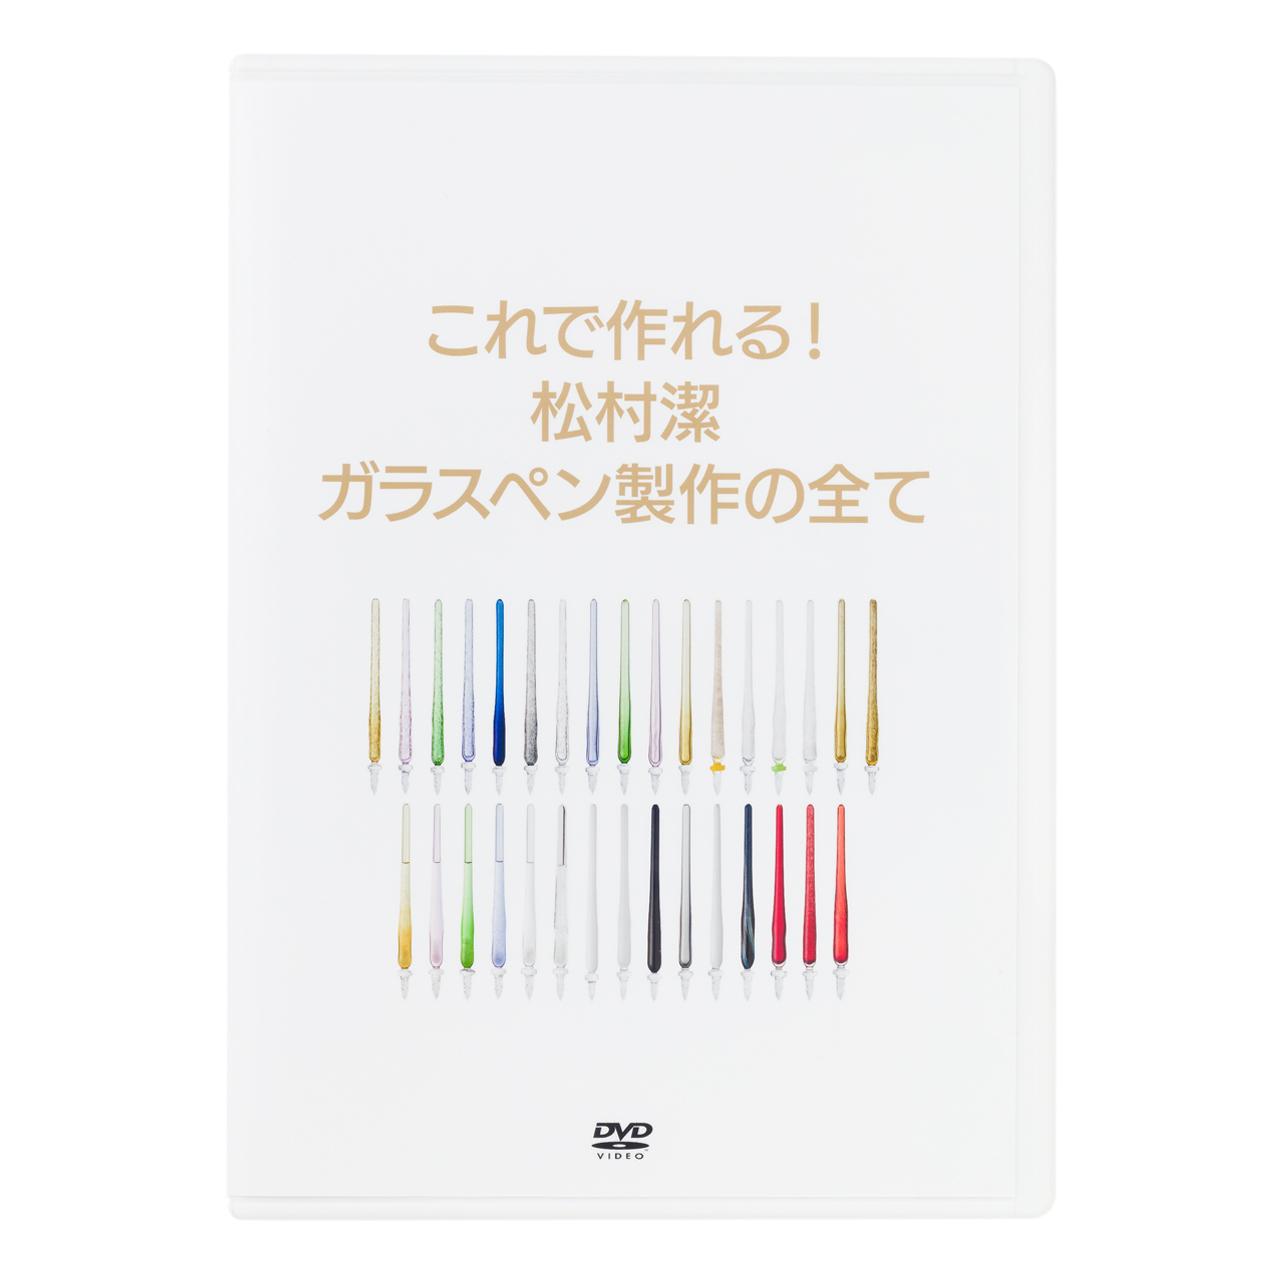 これで作れる! 松村潔 ガラスペン製作の全て DVD(2枚組)